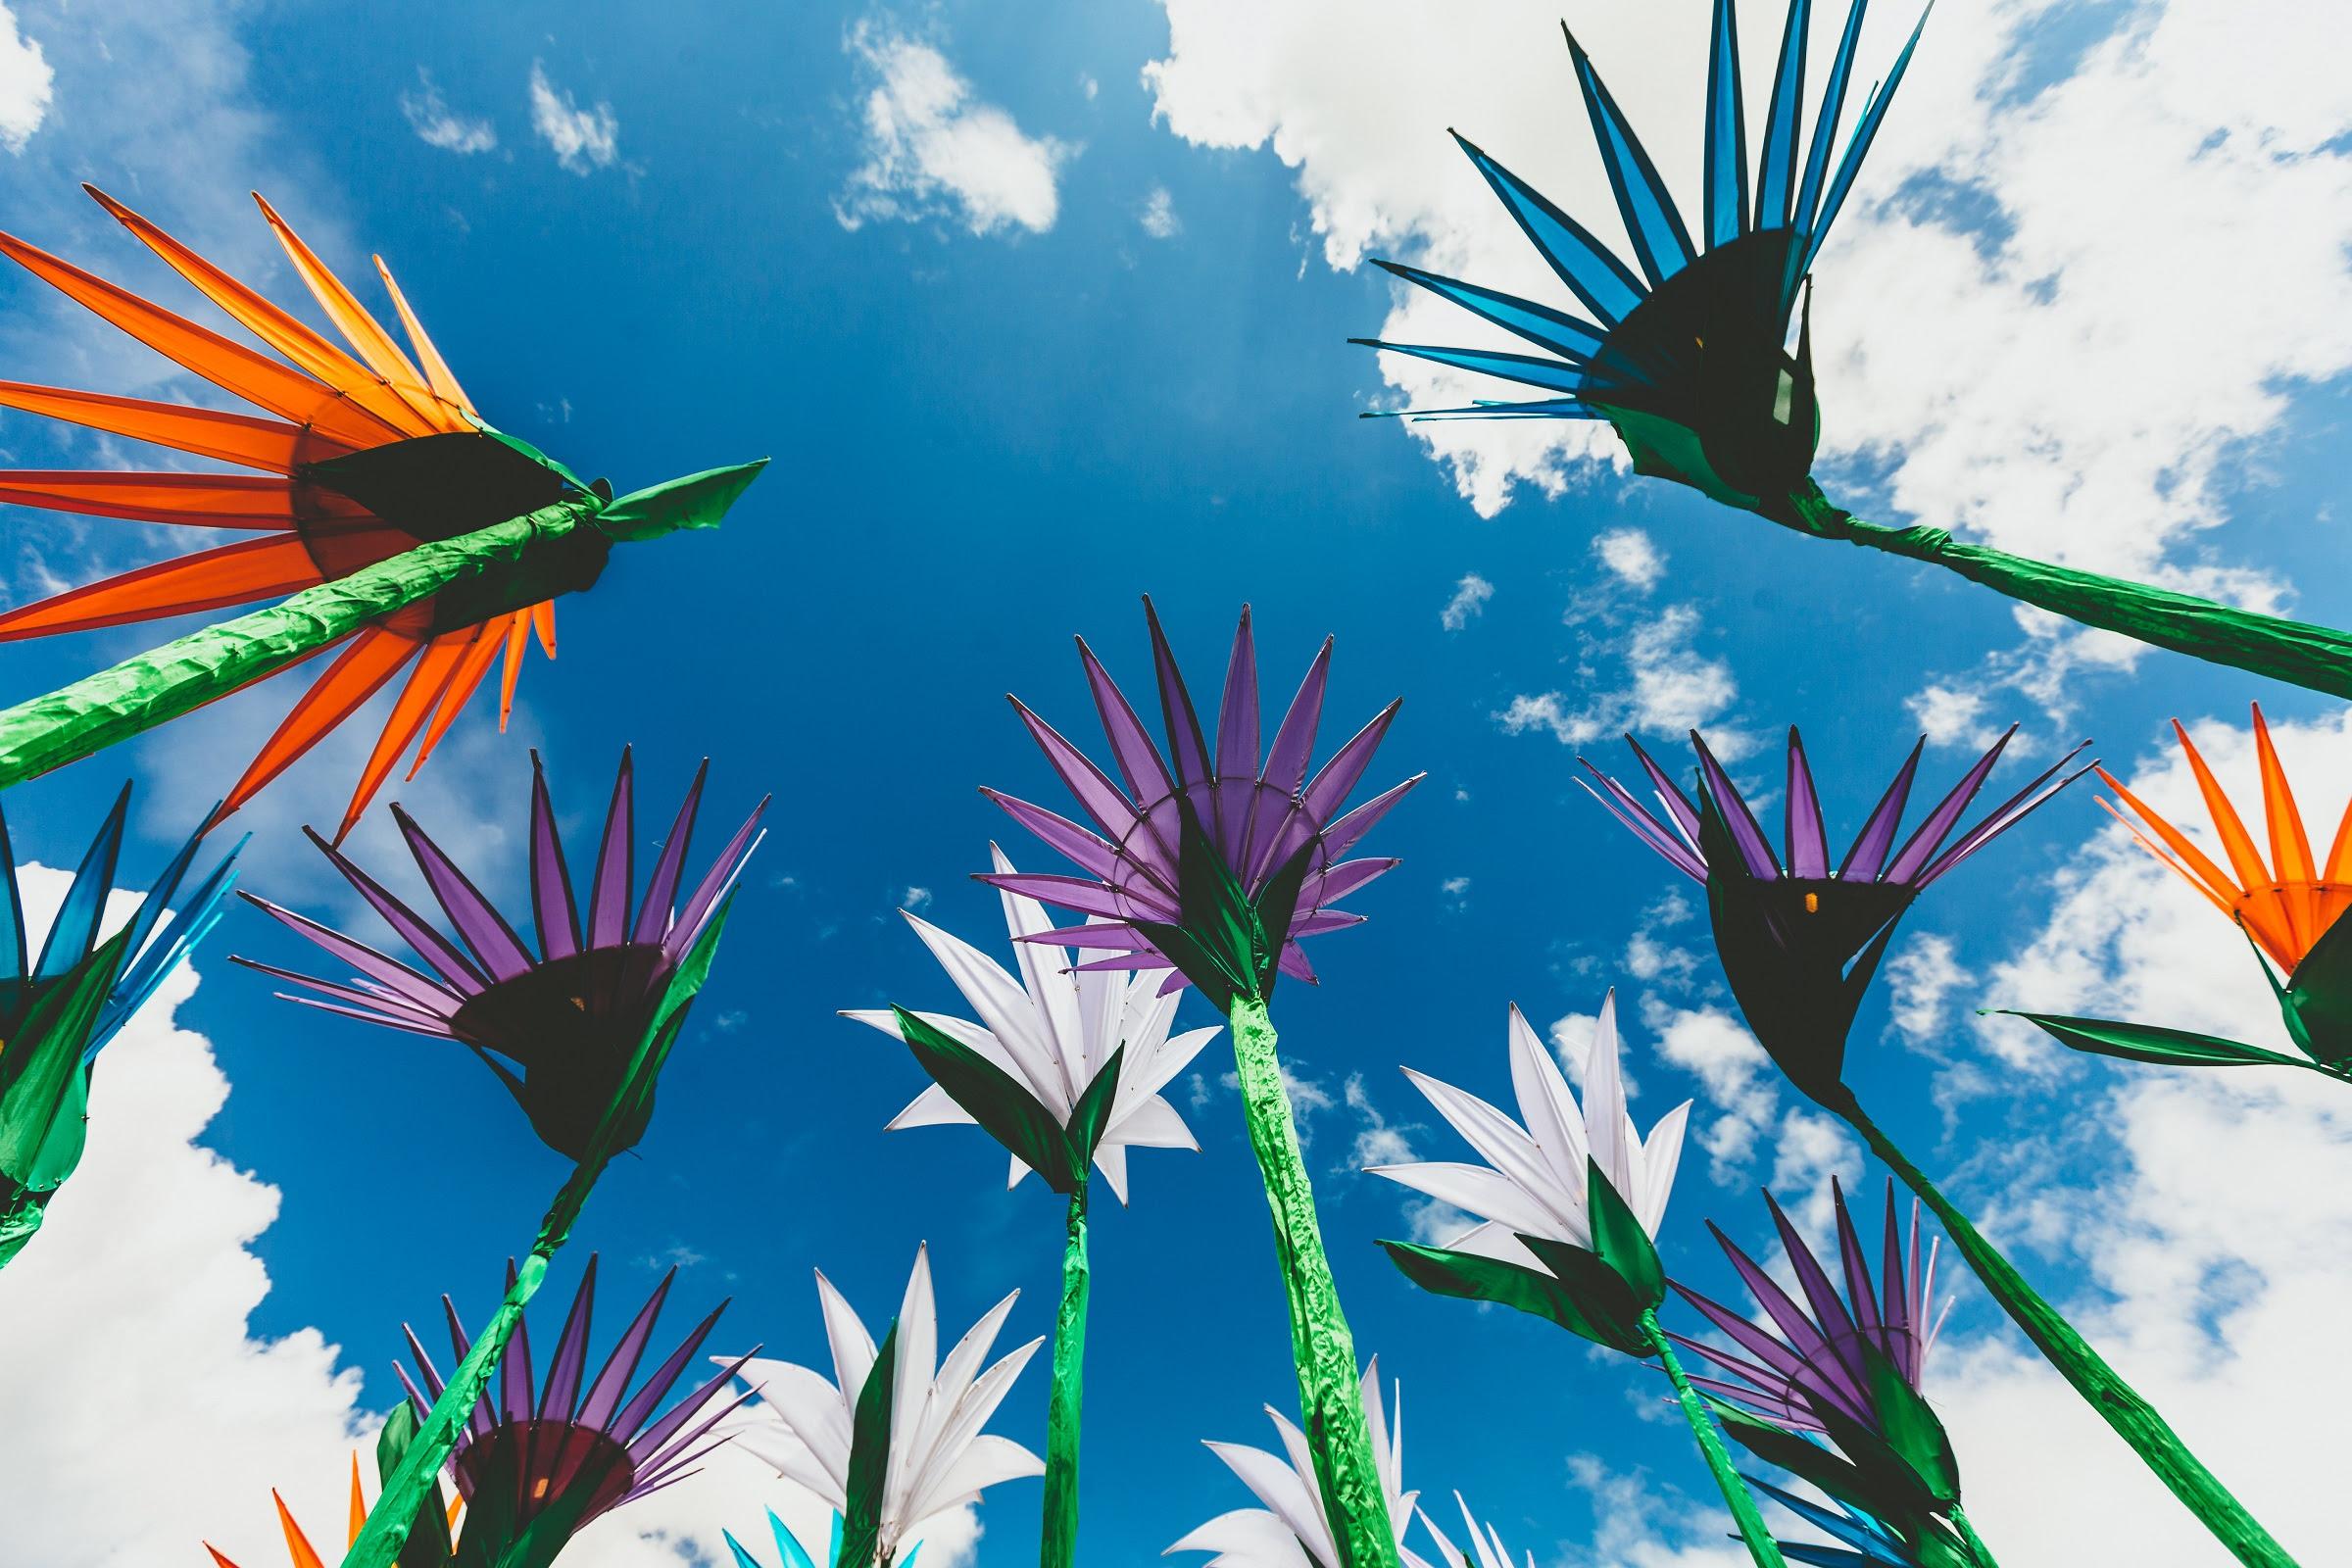 foto van papieren bloemen van onderaf en lucht met blauw en witte wolken